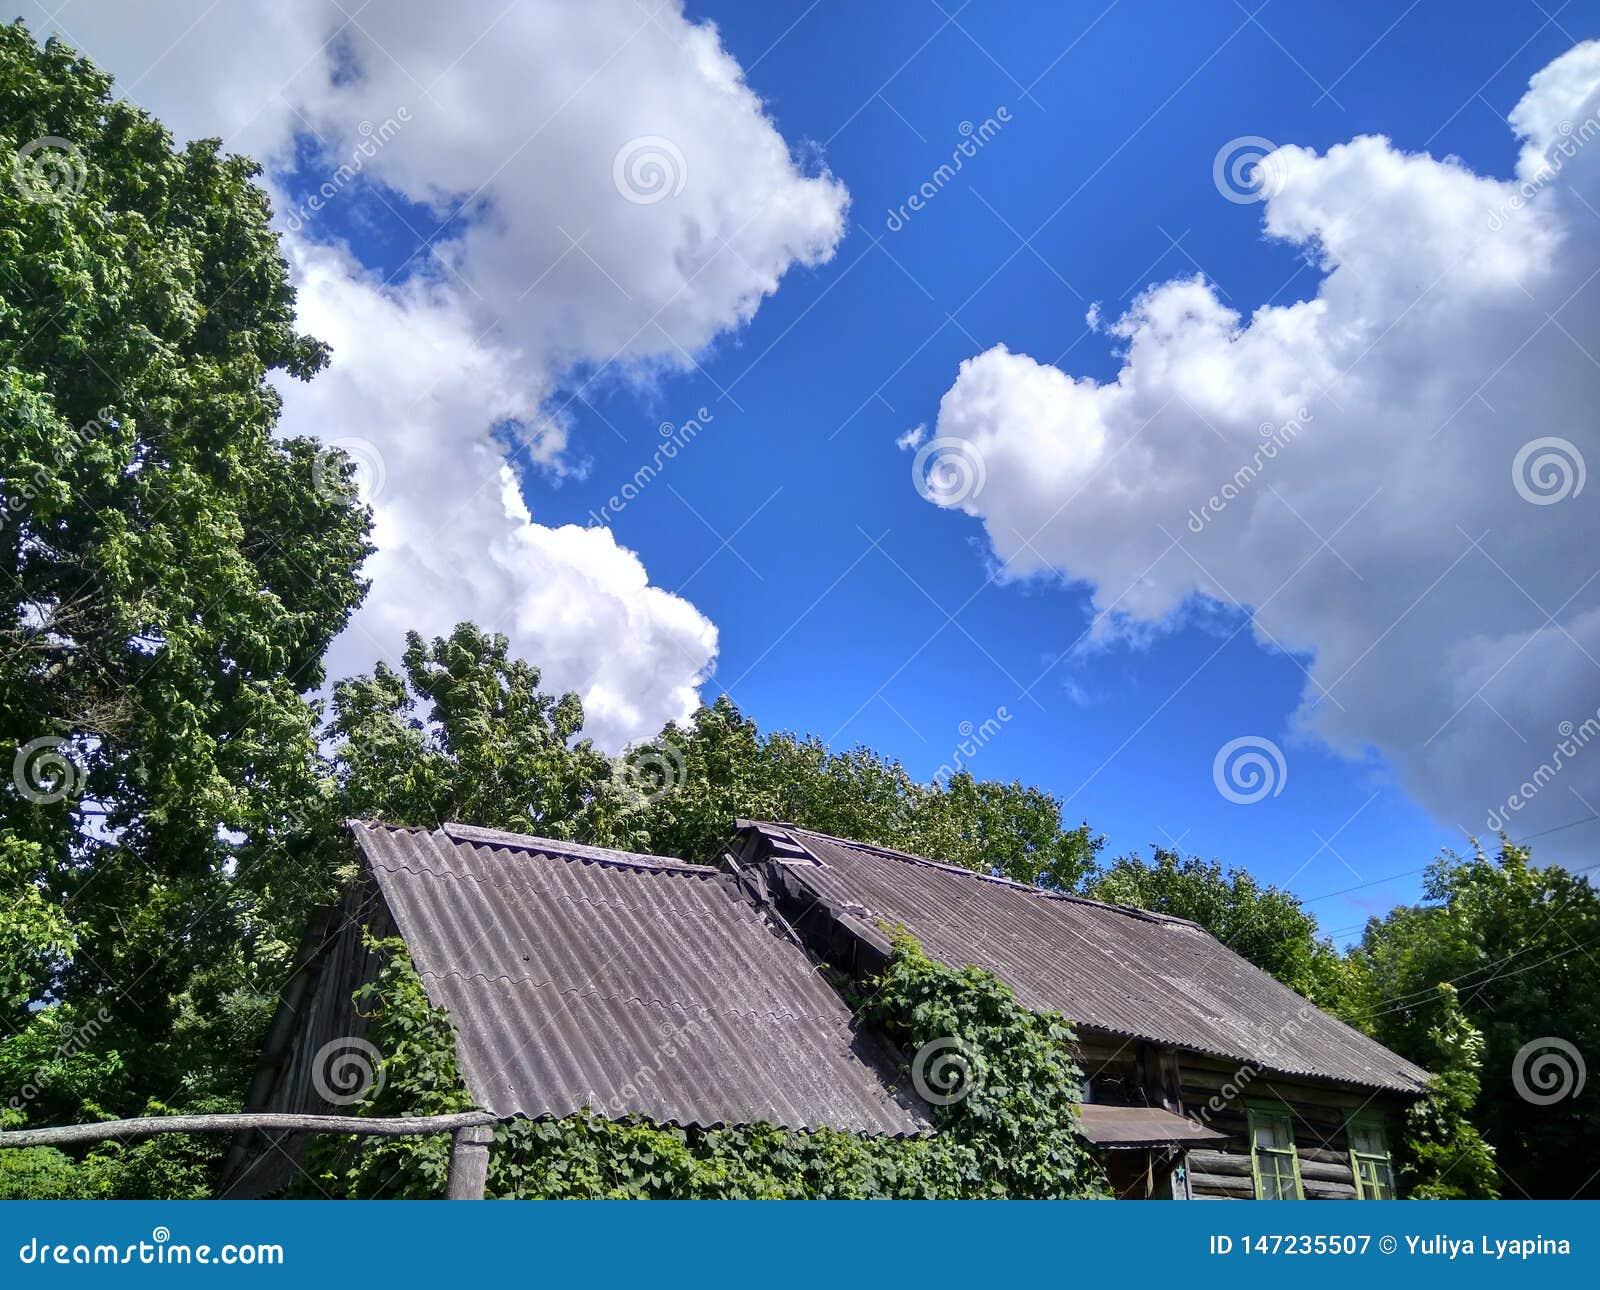 Зеленые деревья и дом против красивого голубого неба с белыми облаками в русской деревне